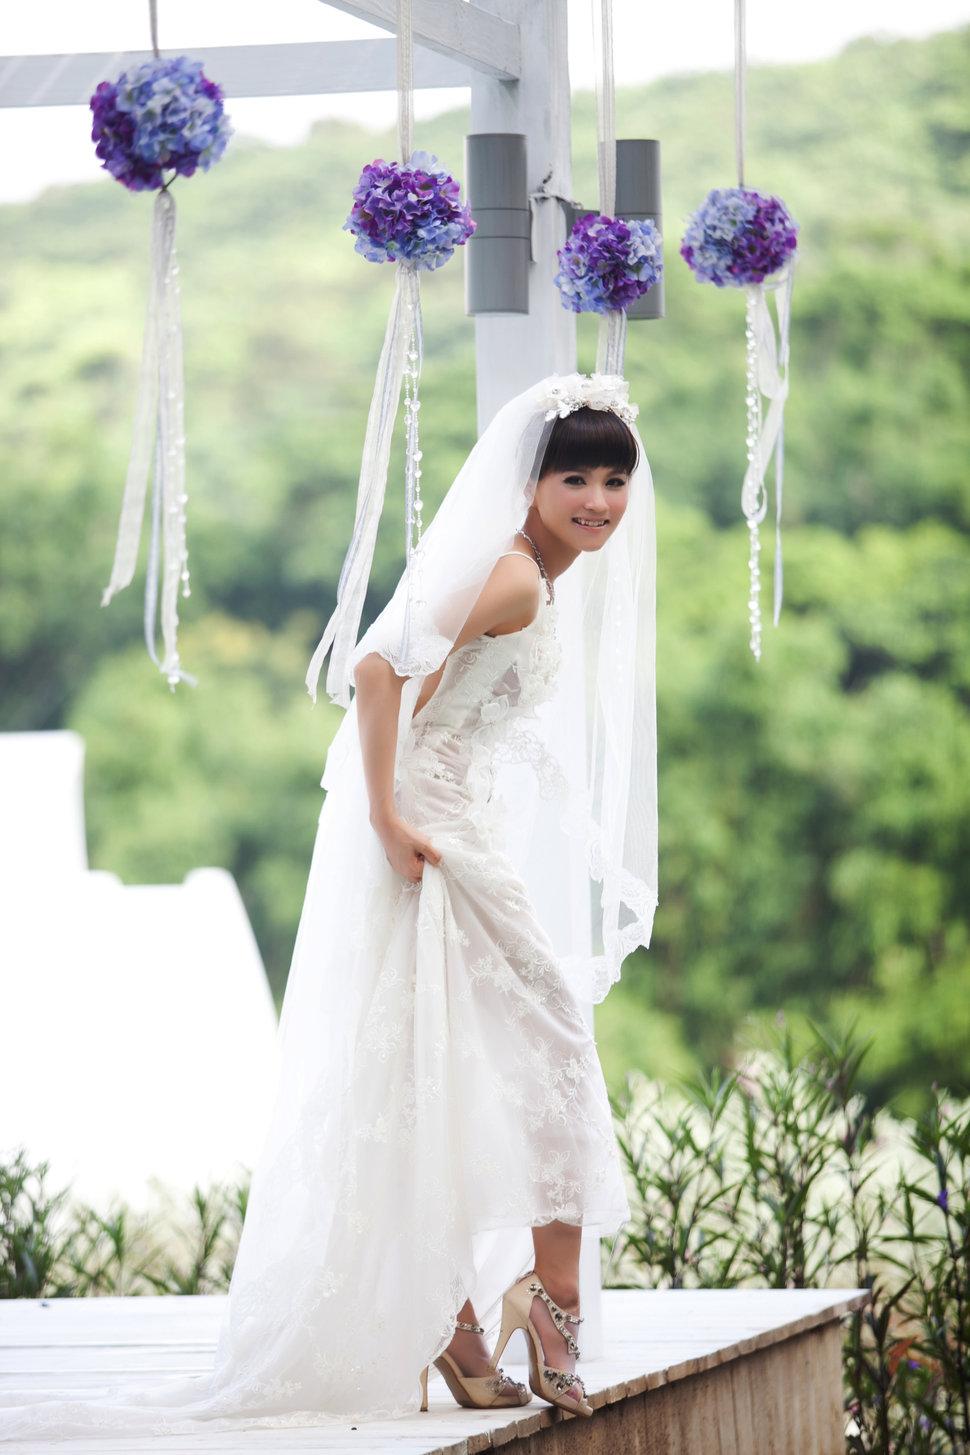 殷sir-153 - 台中2號出口婚紗攝影工作室 - 結婚吧